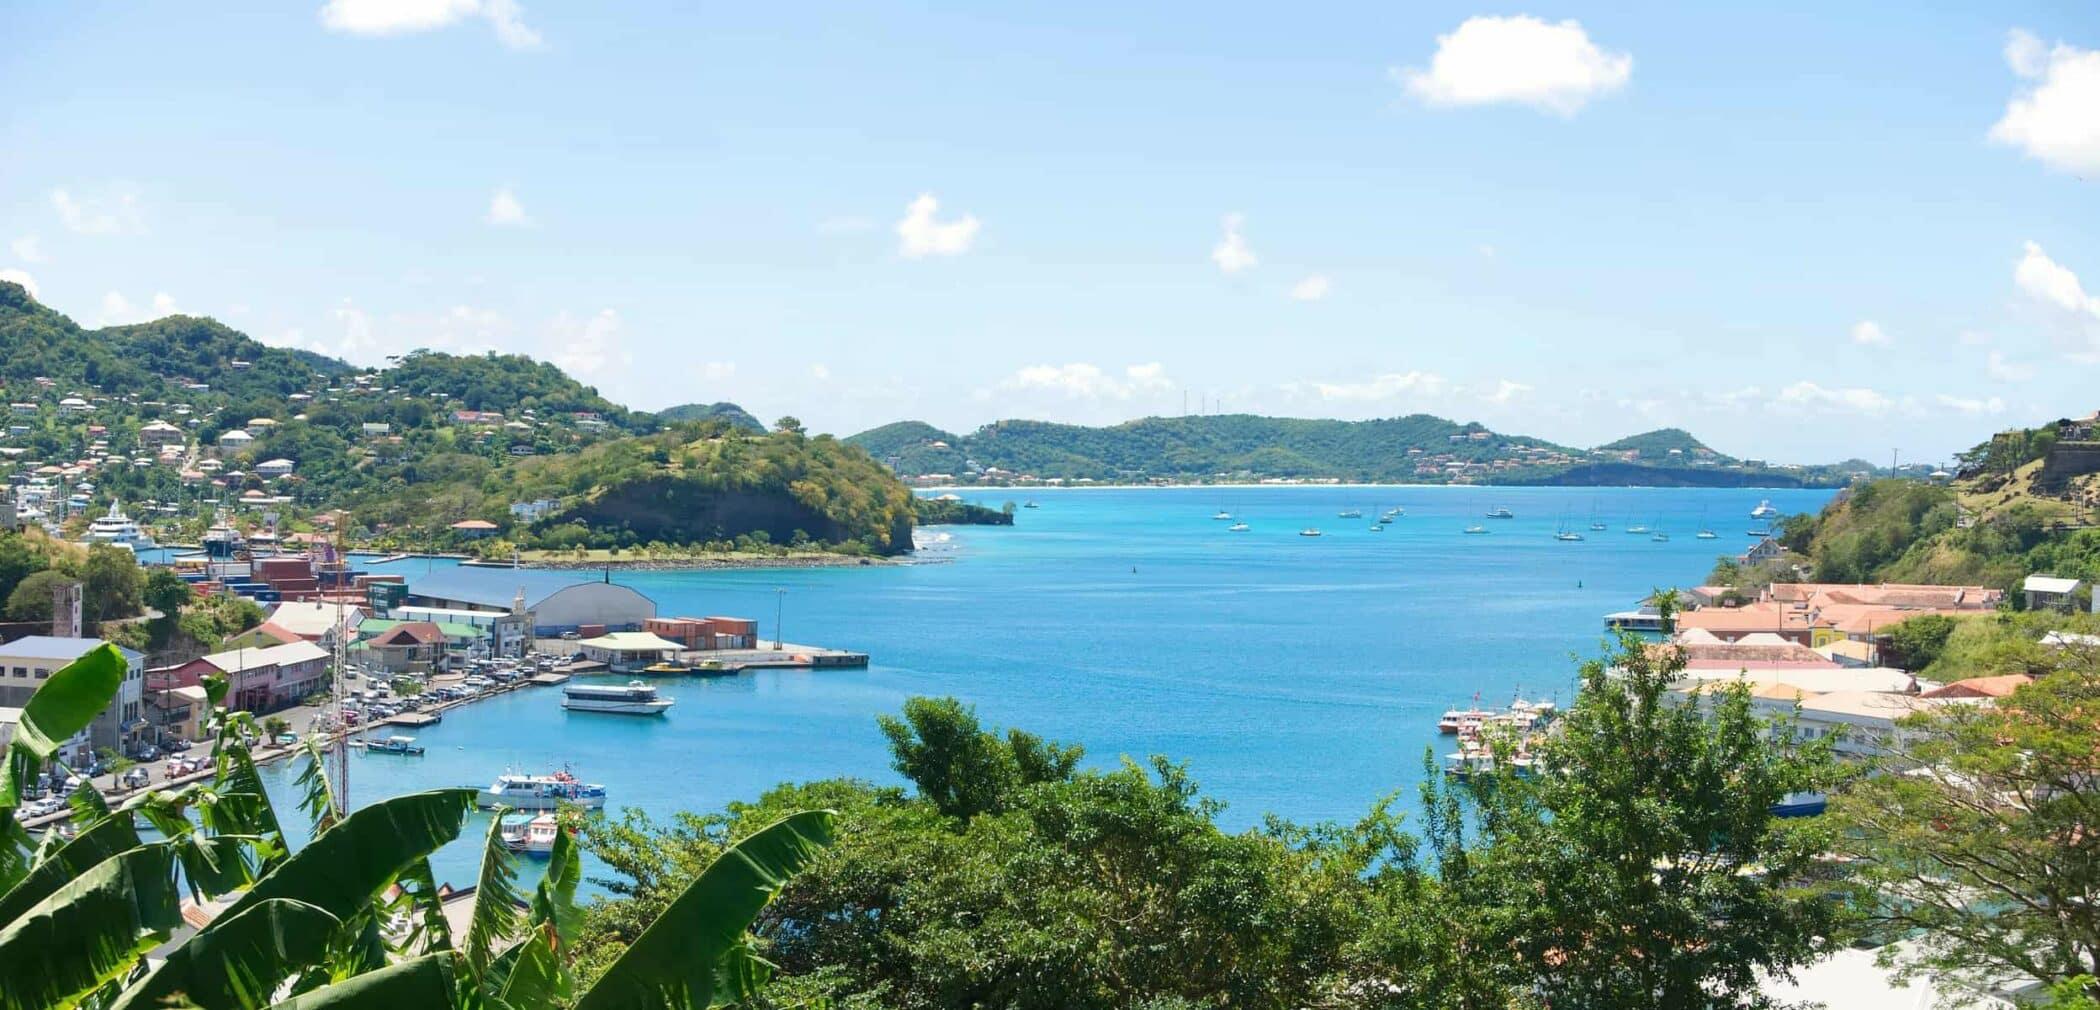 Caribiens mange øer - Grenada island - Saint George`s - Inner harbor and Devils bay - West indies